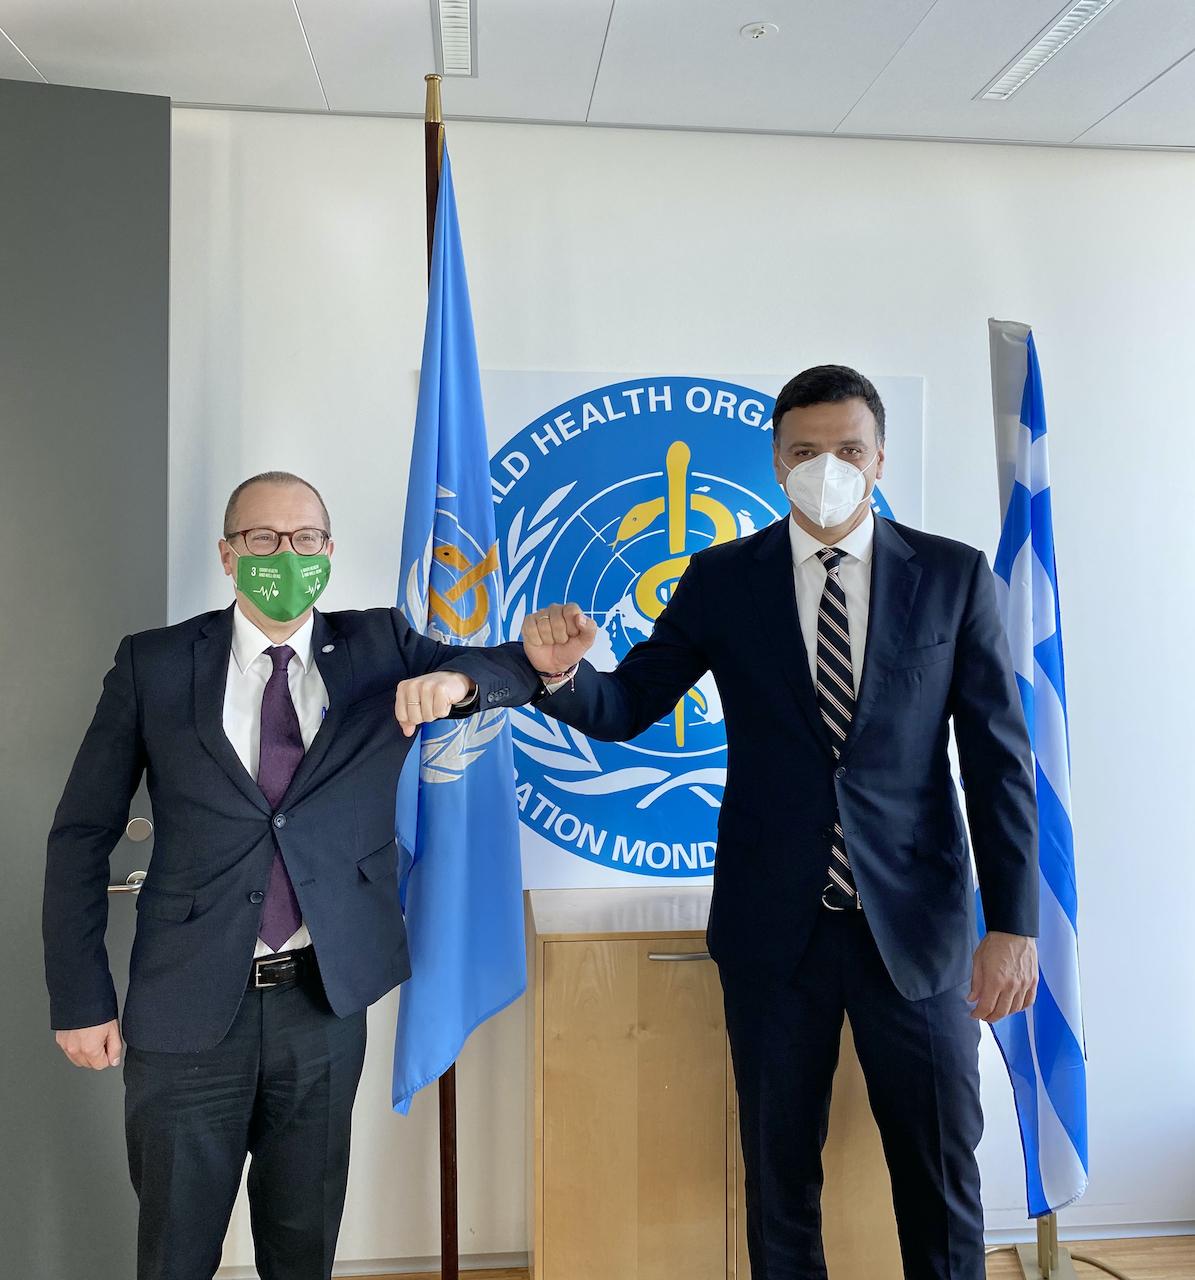 Παγκόσμιος Οργανισμός Υγείας: Στην Ελλάδα το νέο Γραφείο του ΠΟΥ Ευρώπης